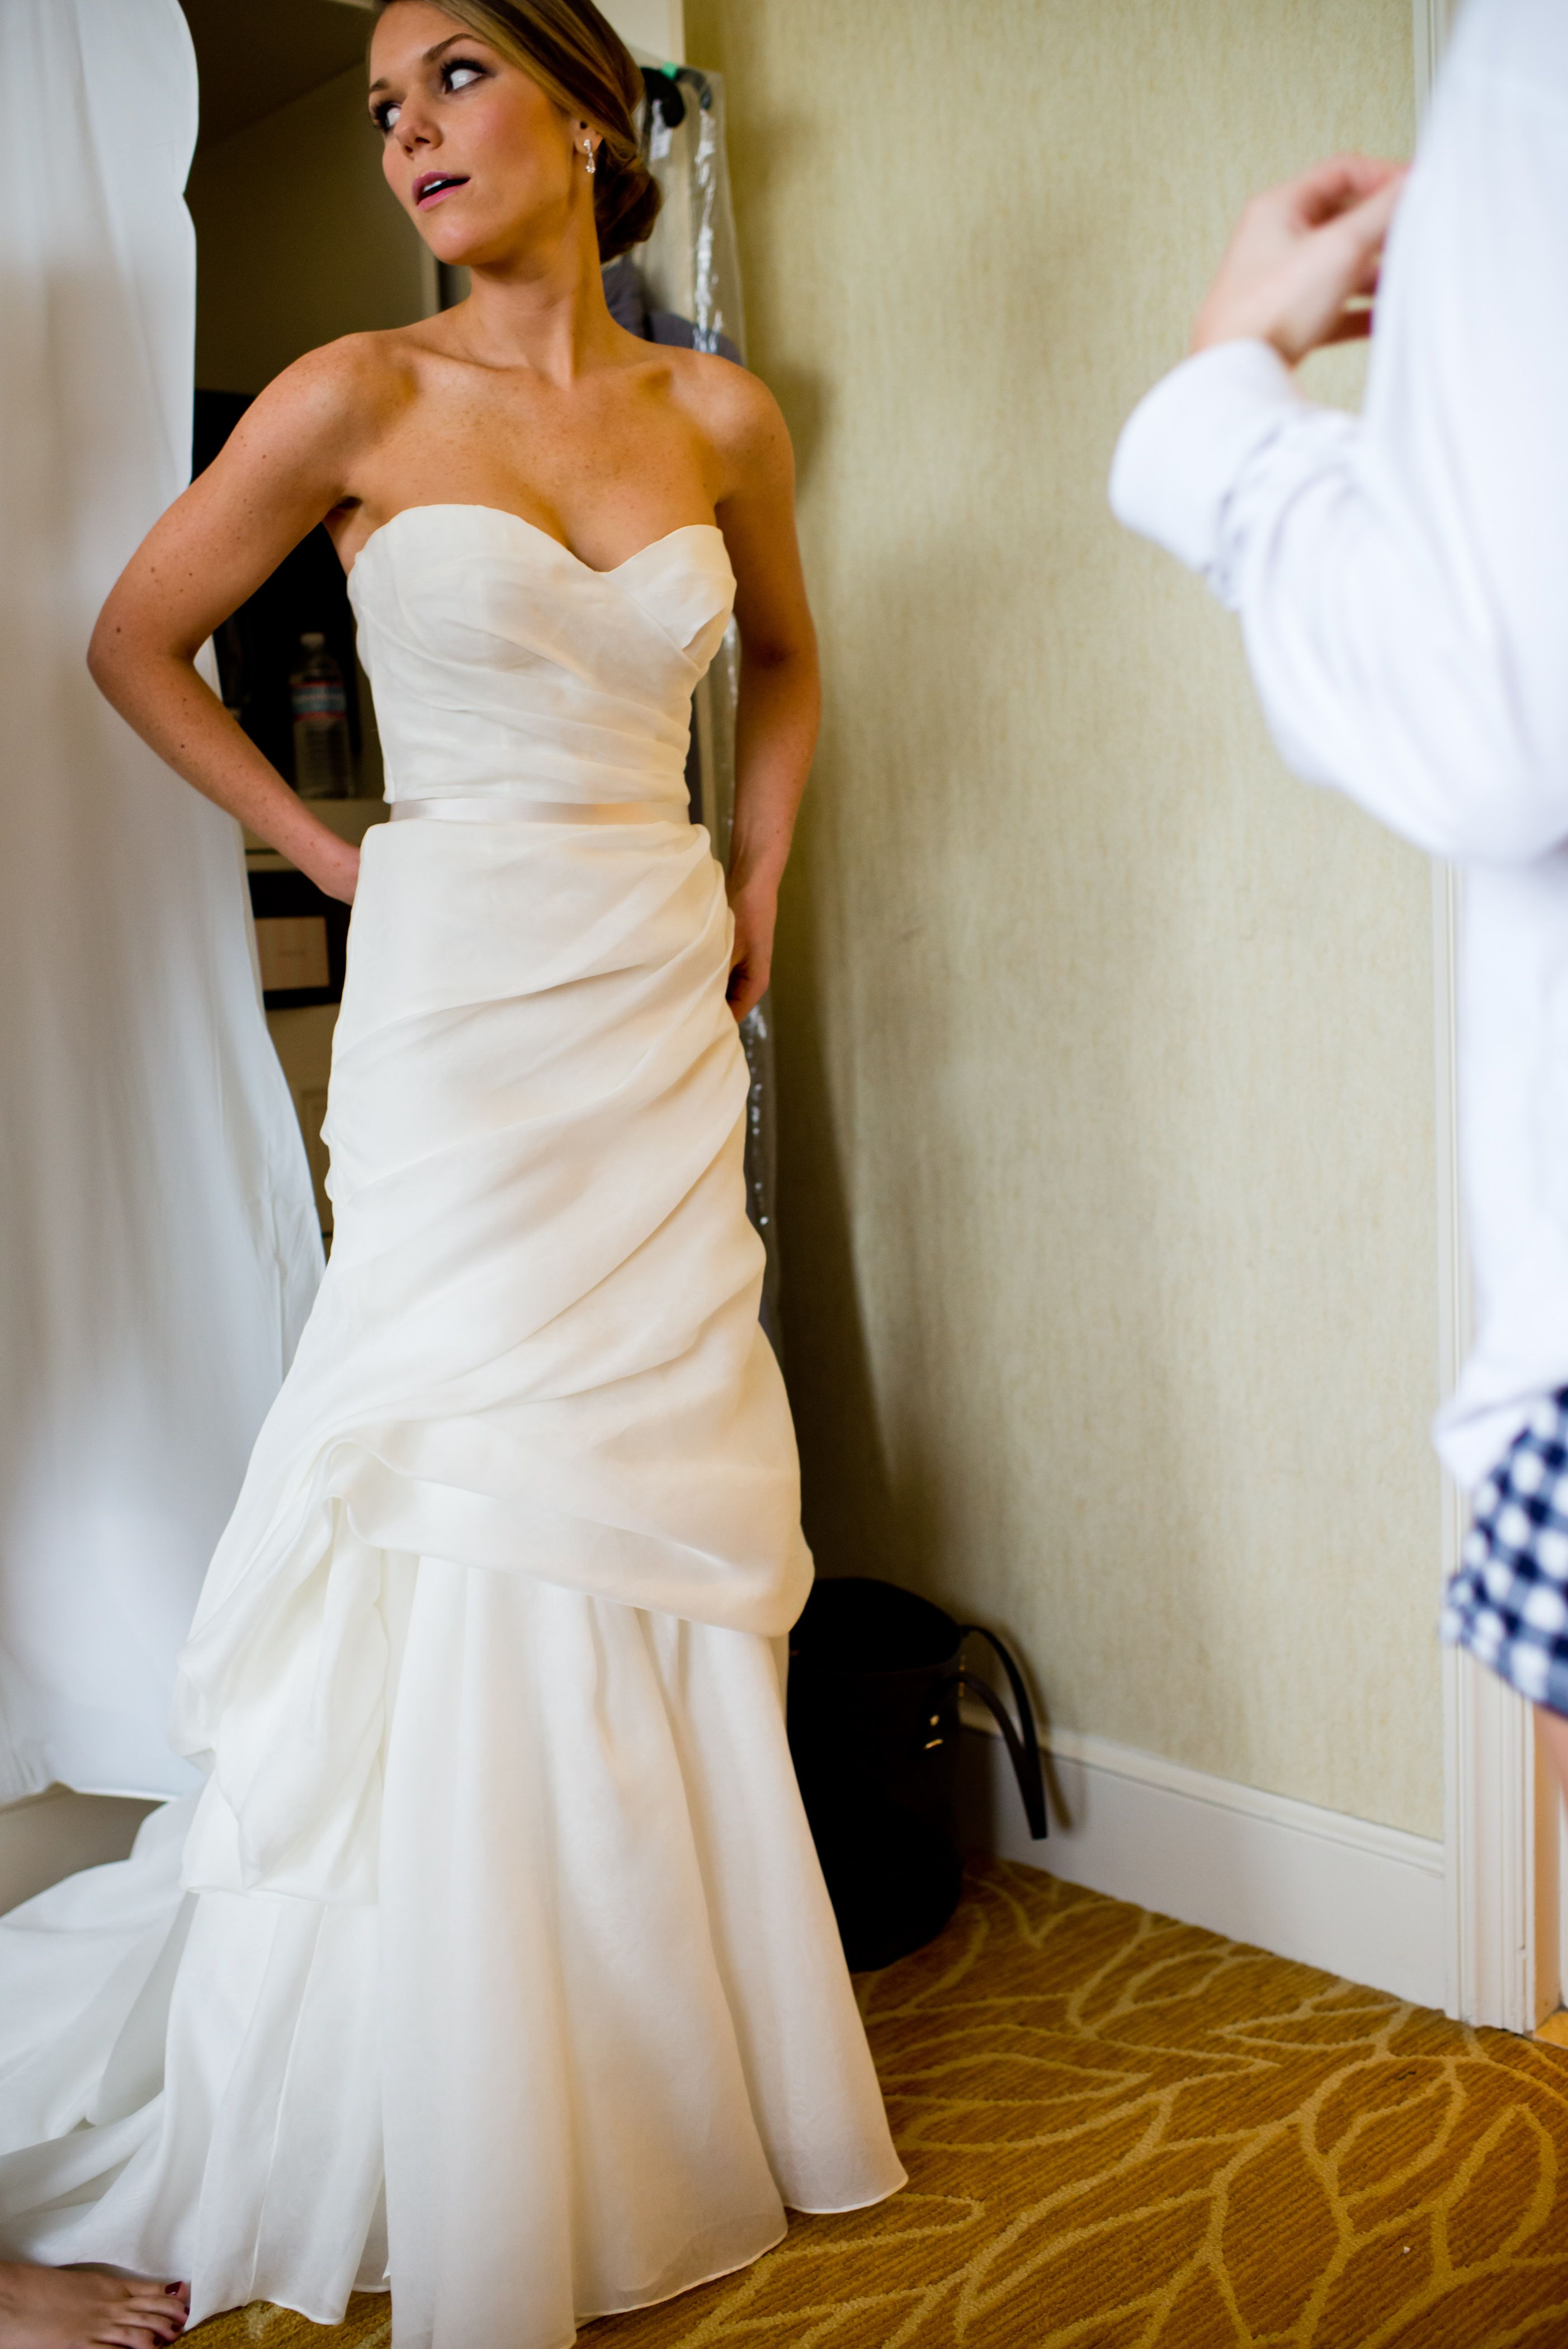 Monique Lhuillier Monique Lhuillier Peony Size 4 Size 2 Wedding...